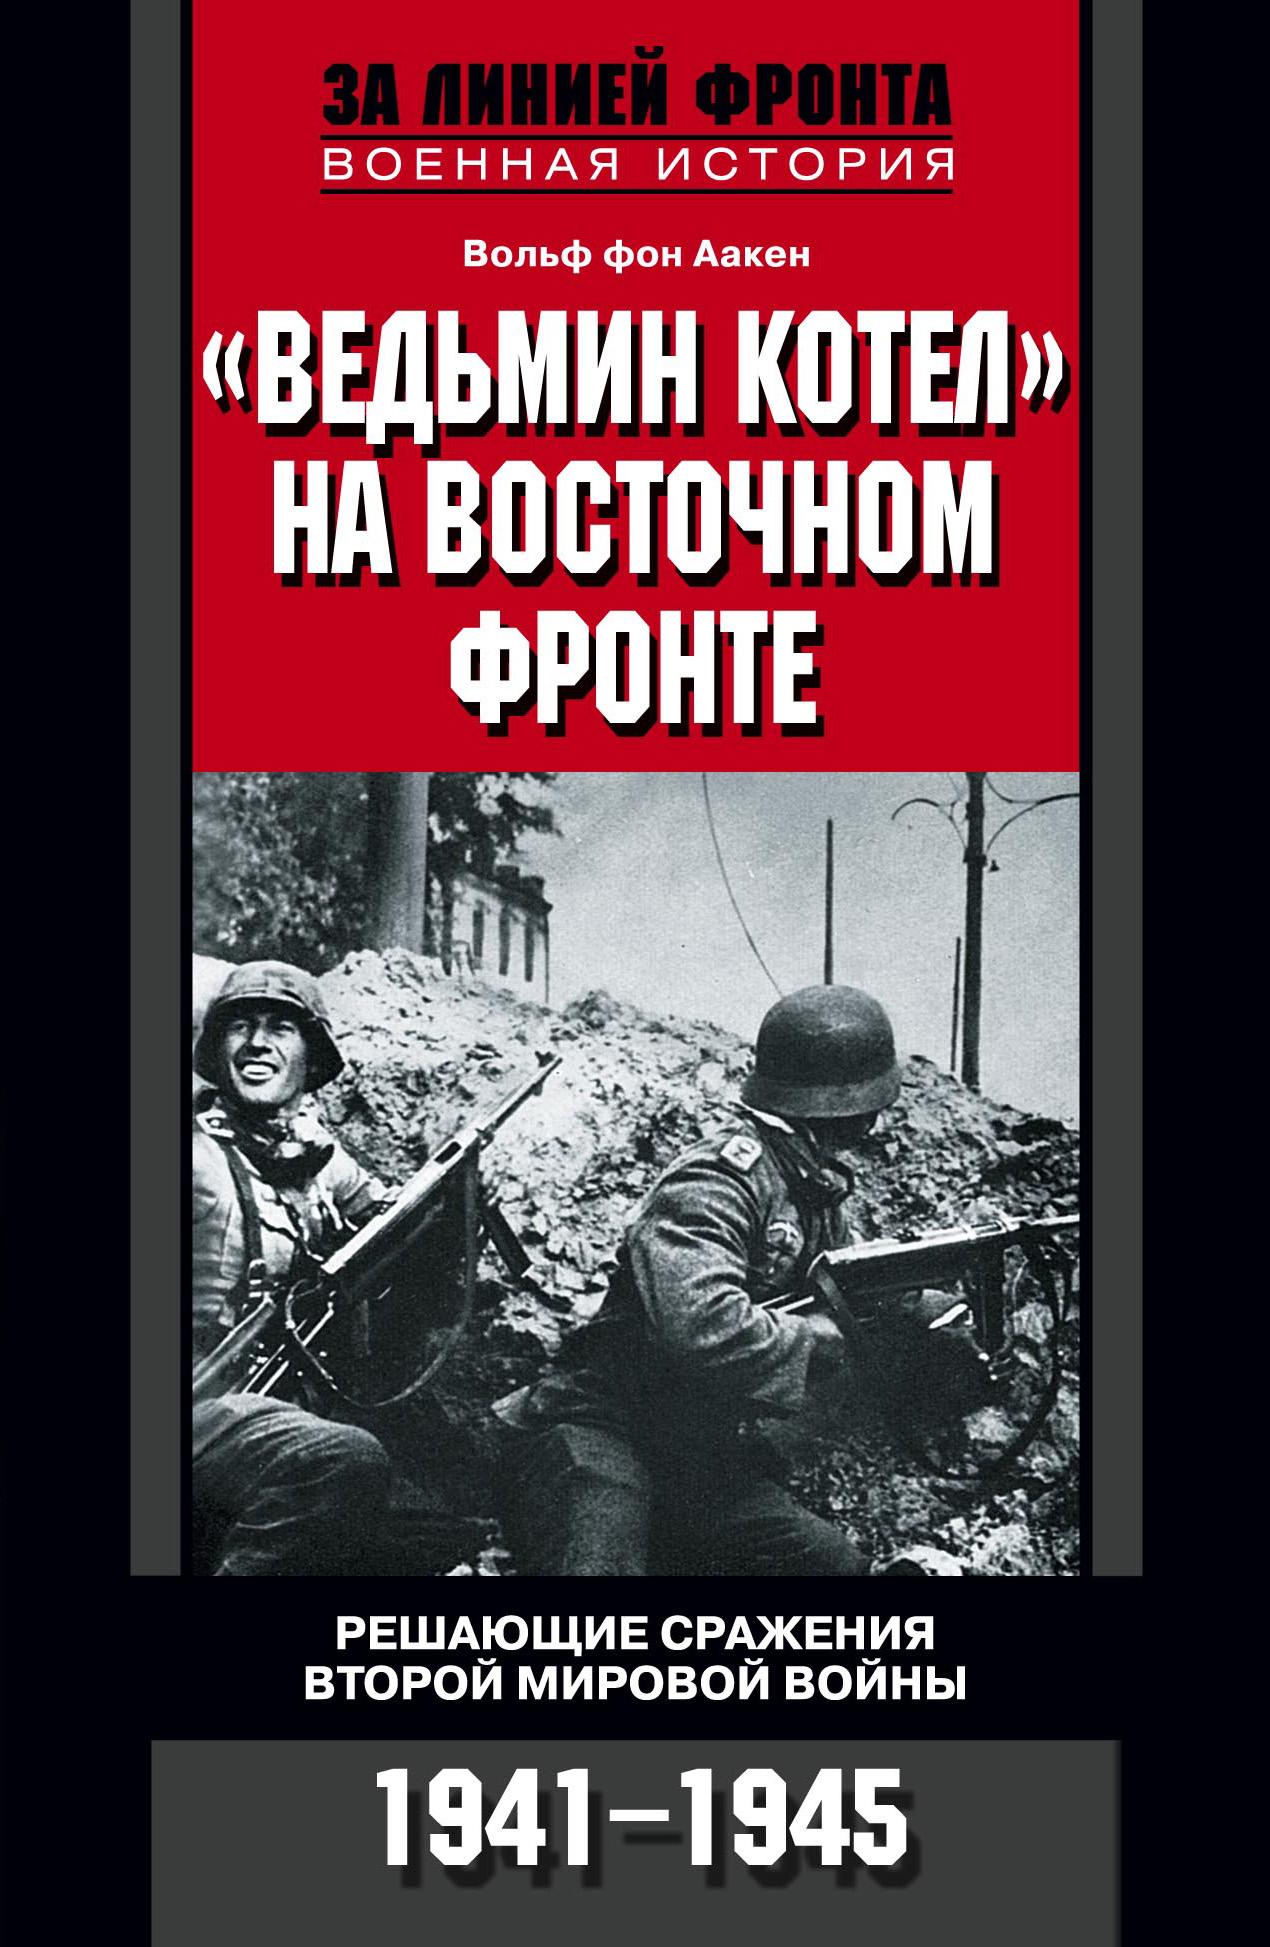 цена на Вольф фон Аакен «Ведьмин котел» на Восточном фронте. Решающие сражения Второй мировой войны. 1941-1945